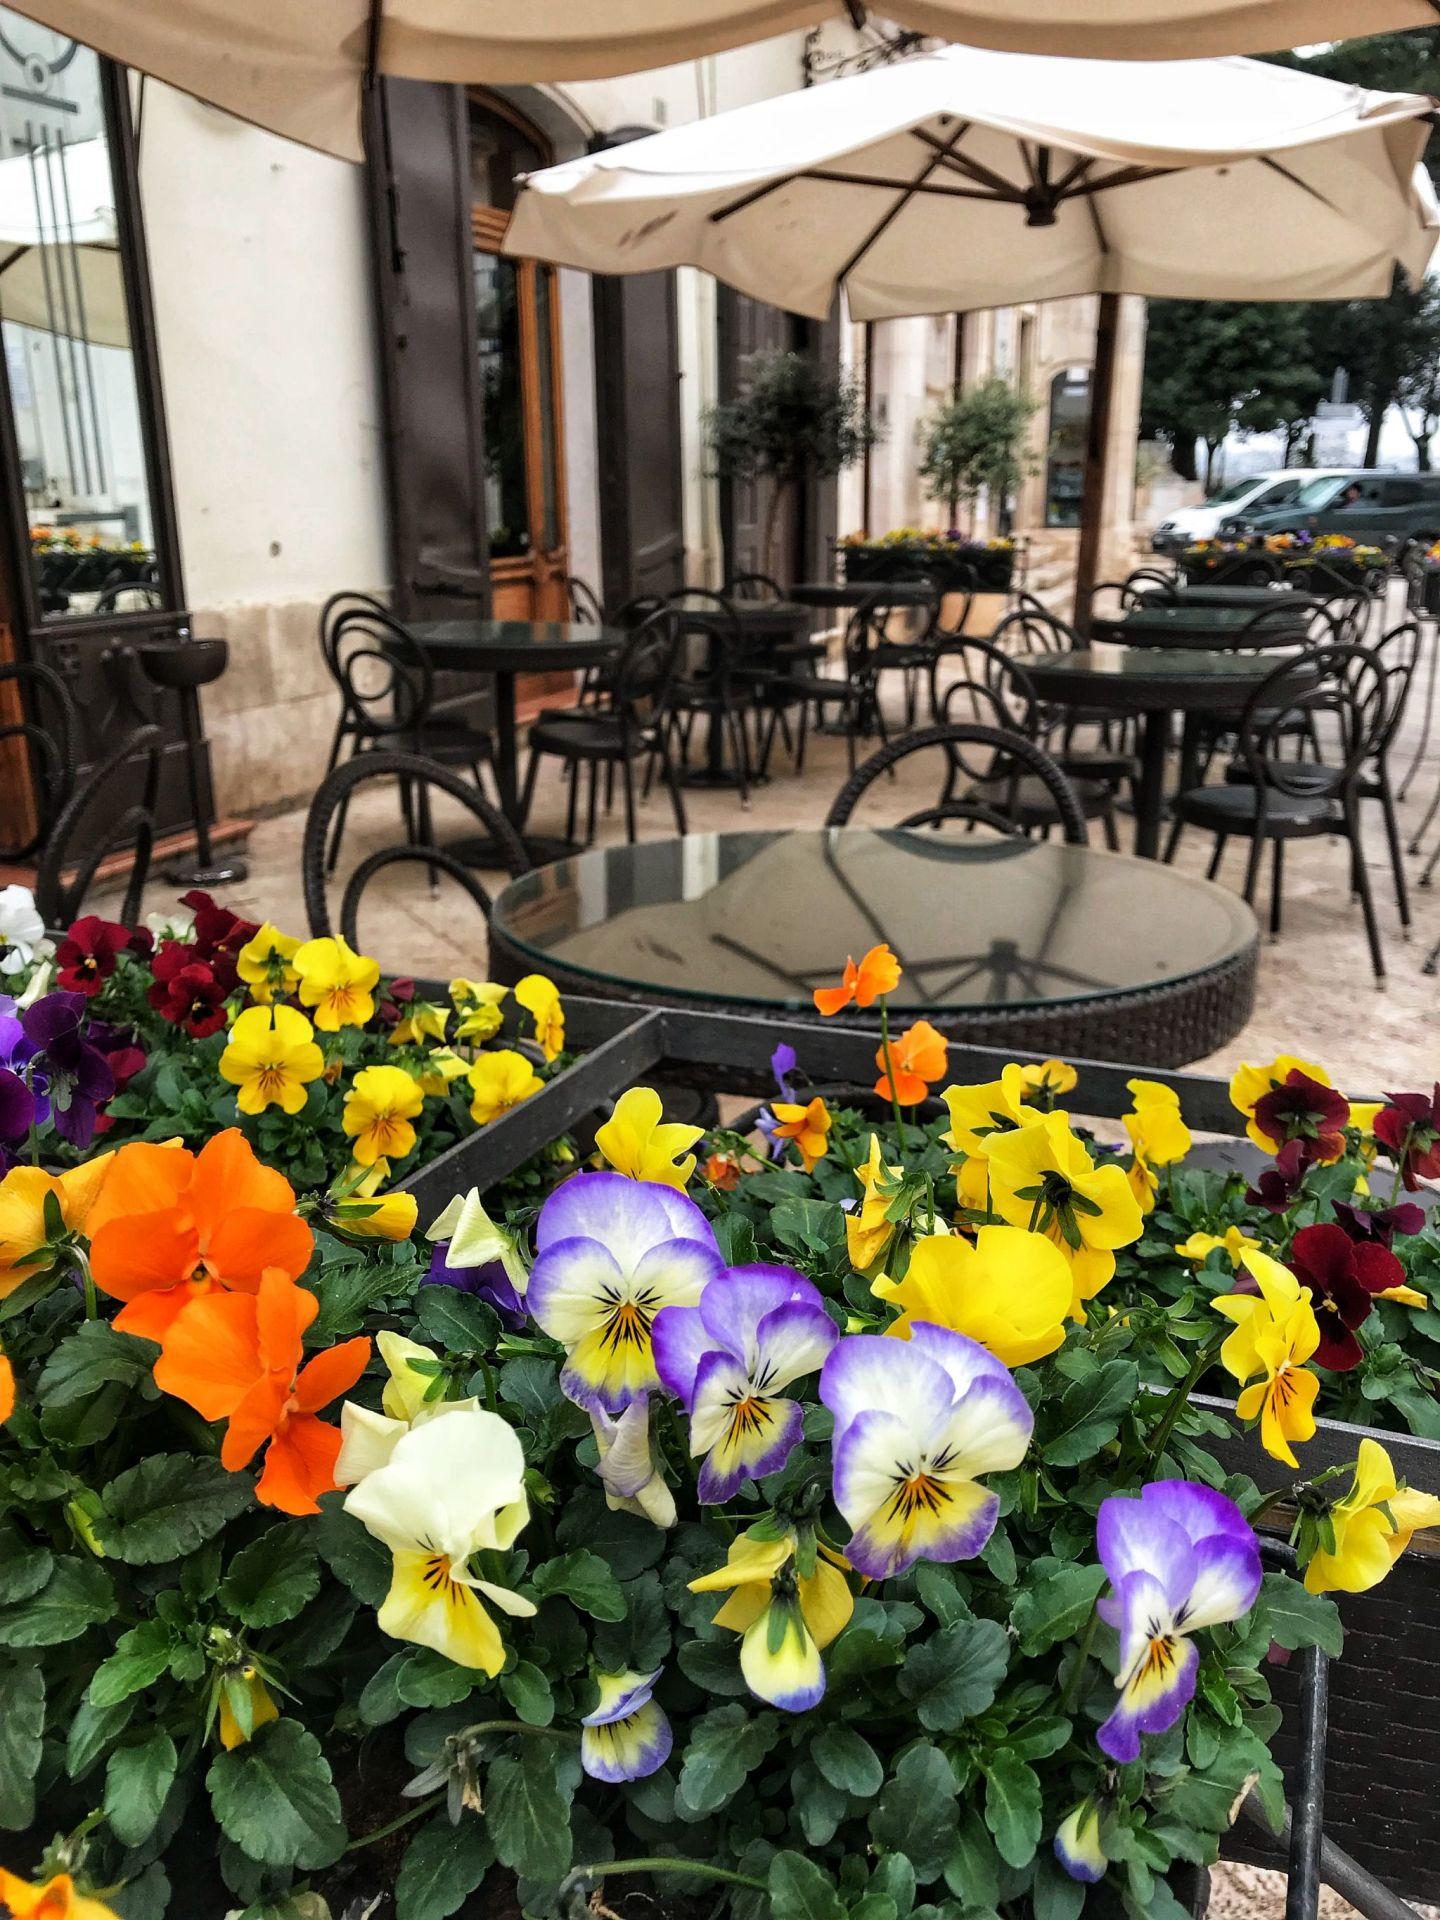 Pansies adorning a restaurant in Locorotondo